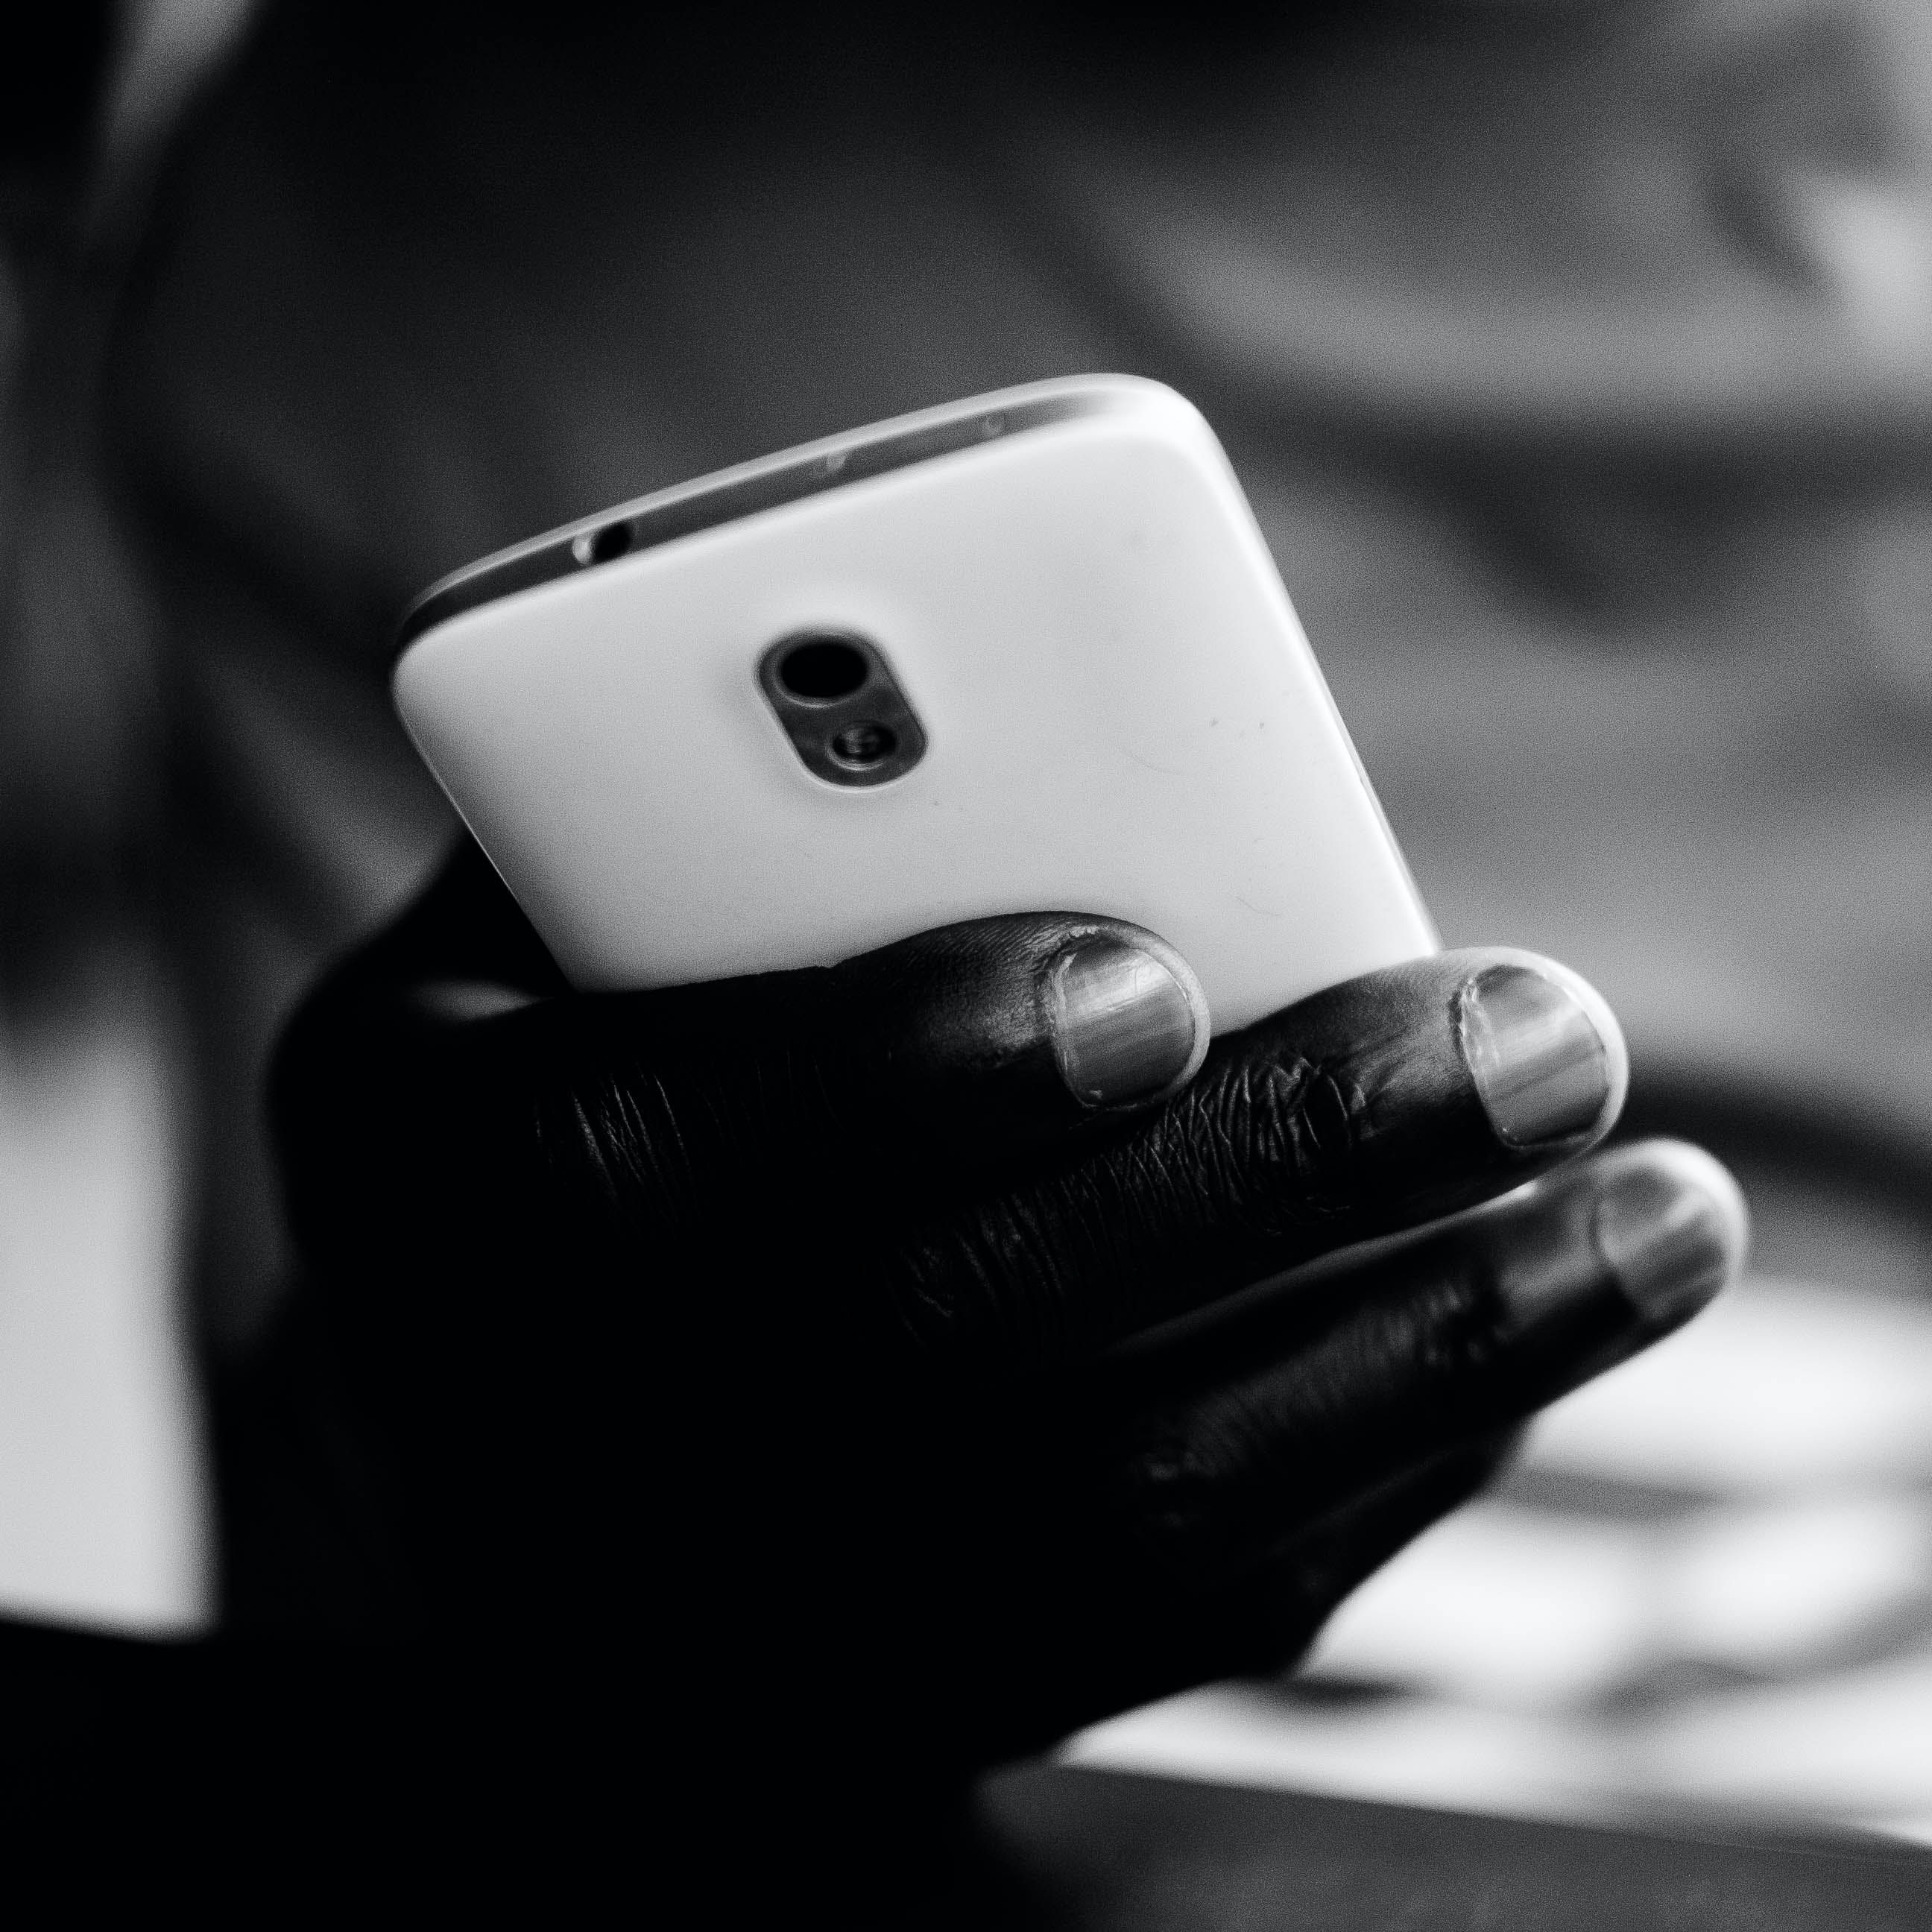 Ingyenes stockfotó eszköz, fekete-fehér, fekete-fehér fényképezés, kéz témában